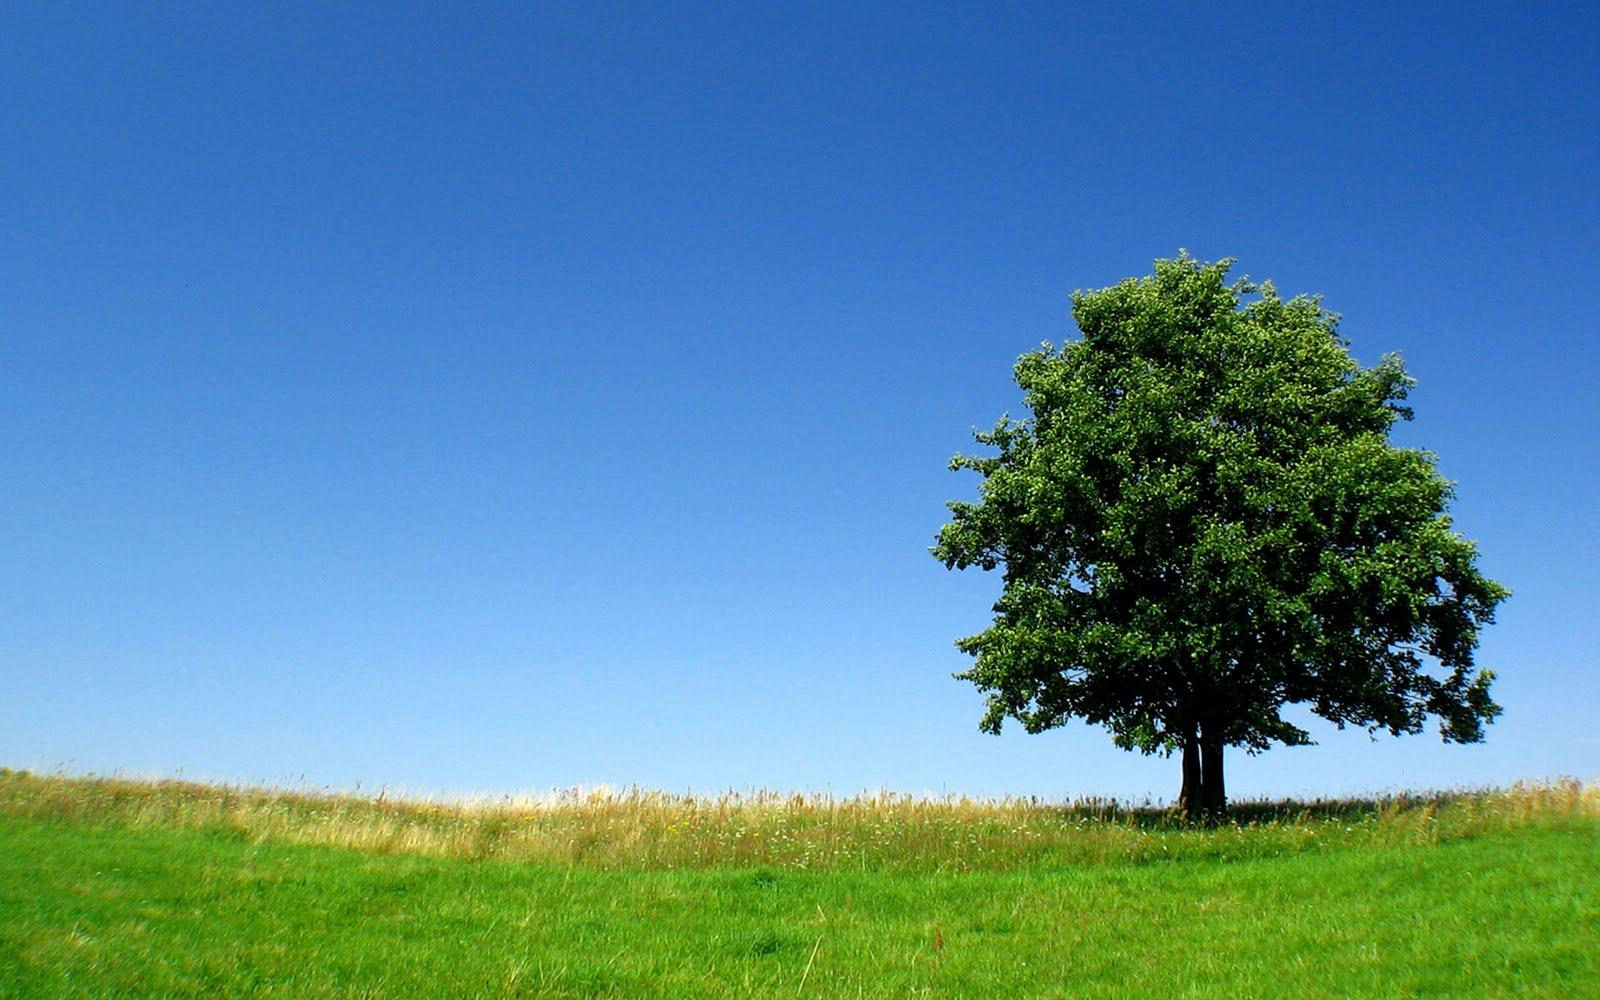 Açıklama: ağaç resimleri hd doğa manzara wallpapers duvar